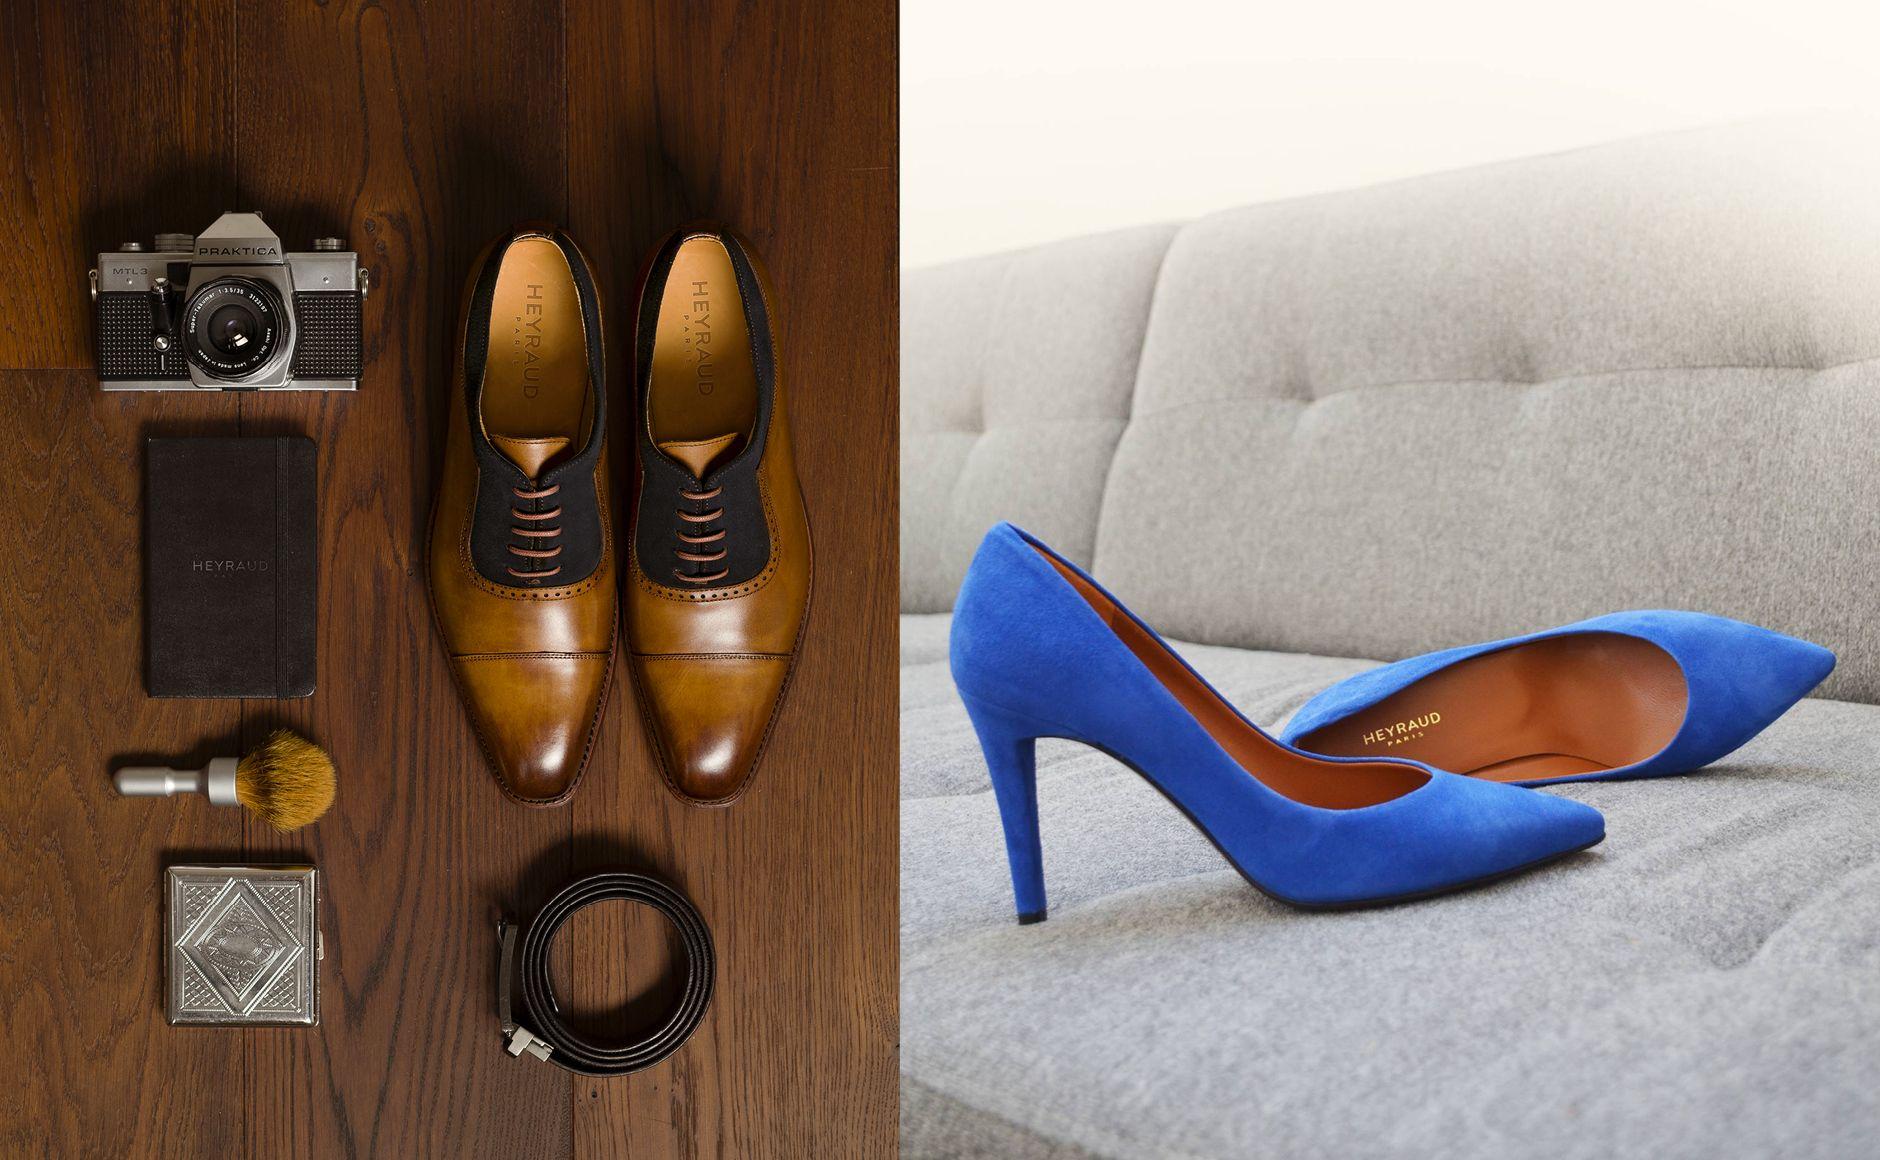 Création de la nouvelle identité visuelle de Heyraud Paris, marque de  chaussures et de maroquinerie 449cd4dfe25d